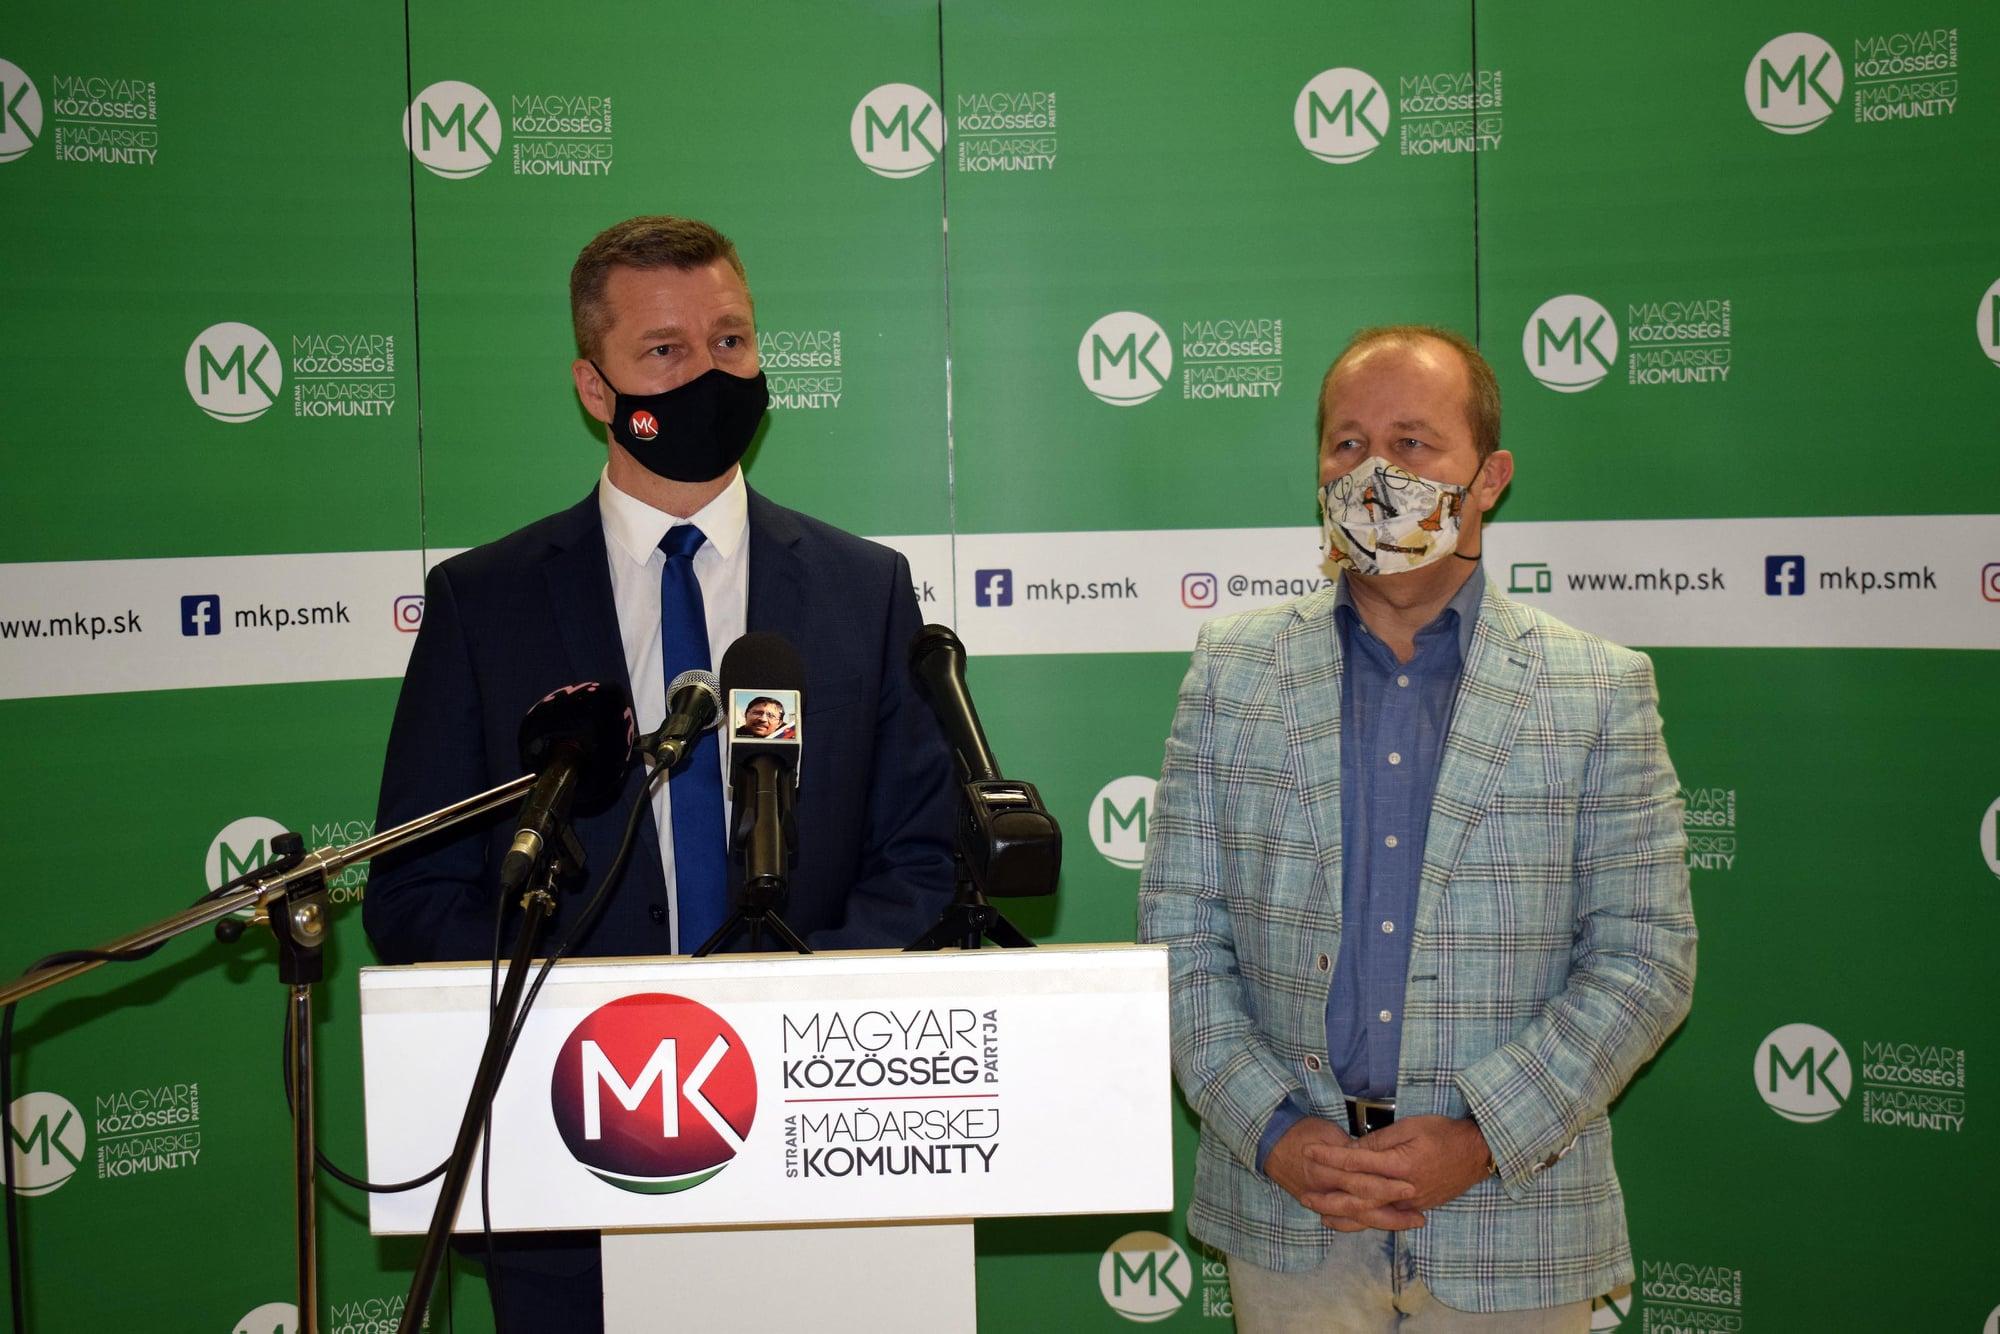 Új felvidéki magyar pártot hoz létre az MKP és a Híd párt